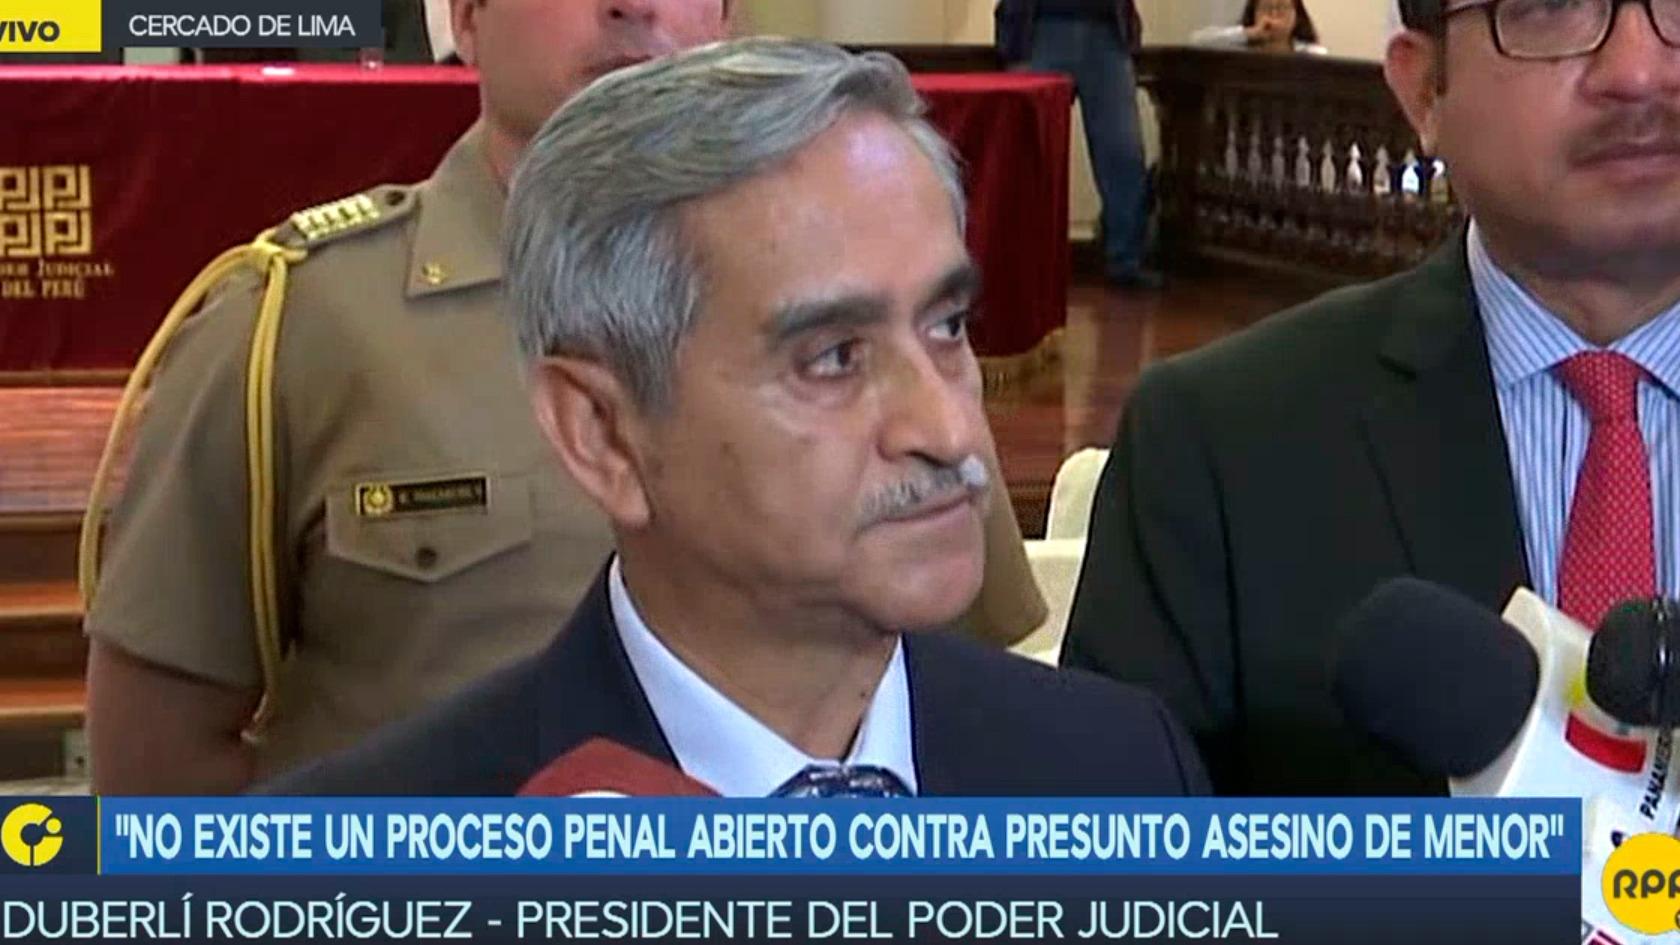 El presidente del Poder Judicial dijo que no apoya la pena de muerte